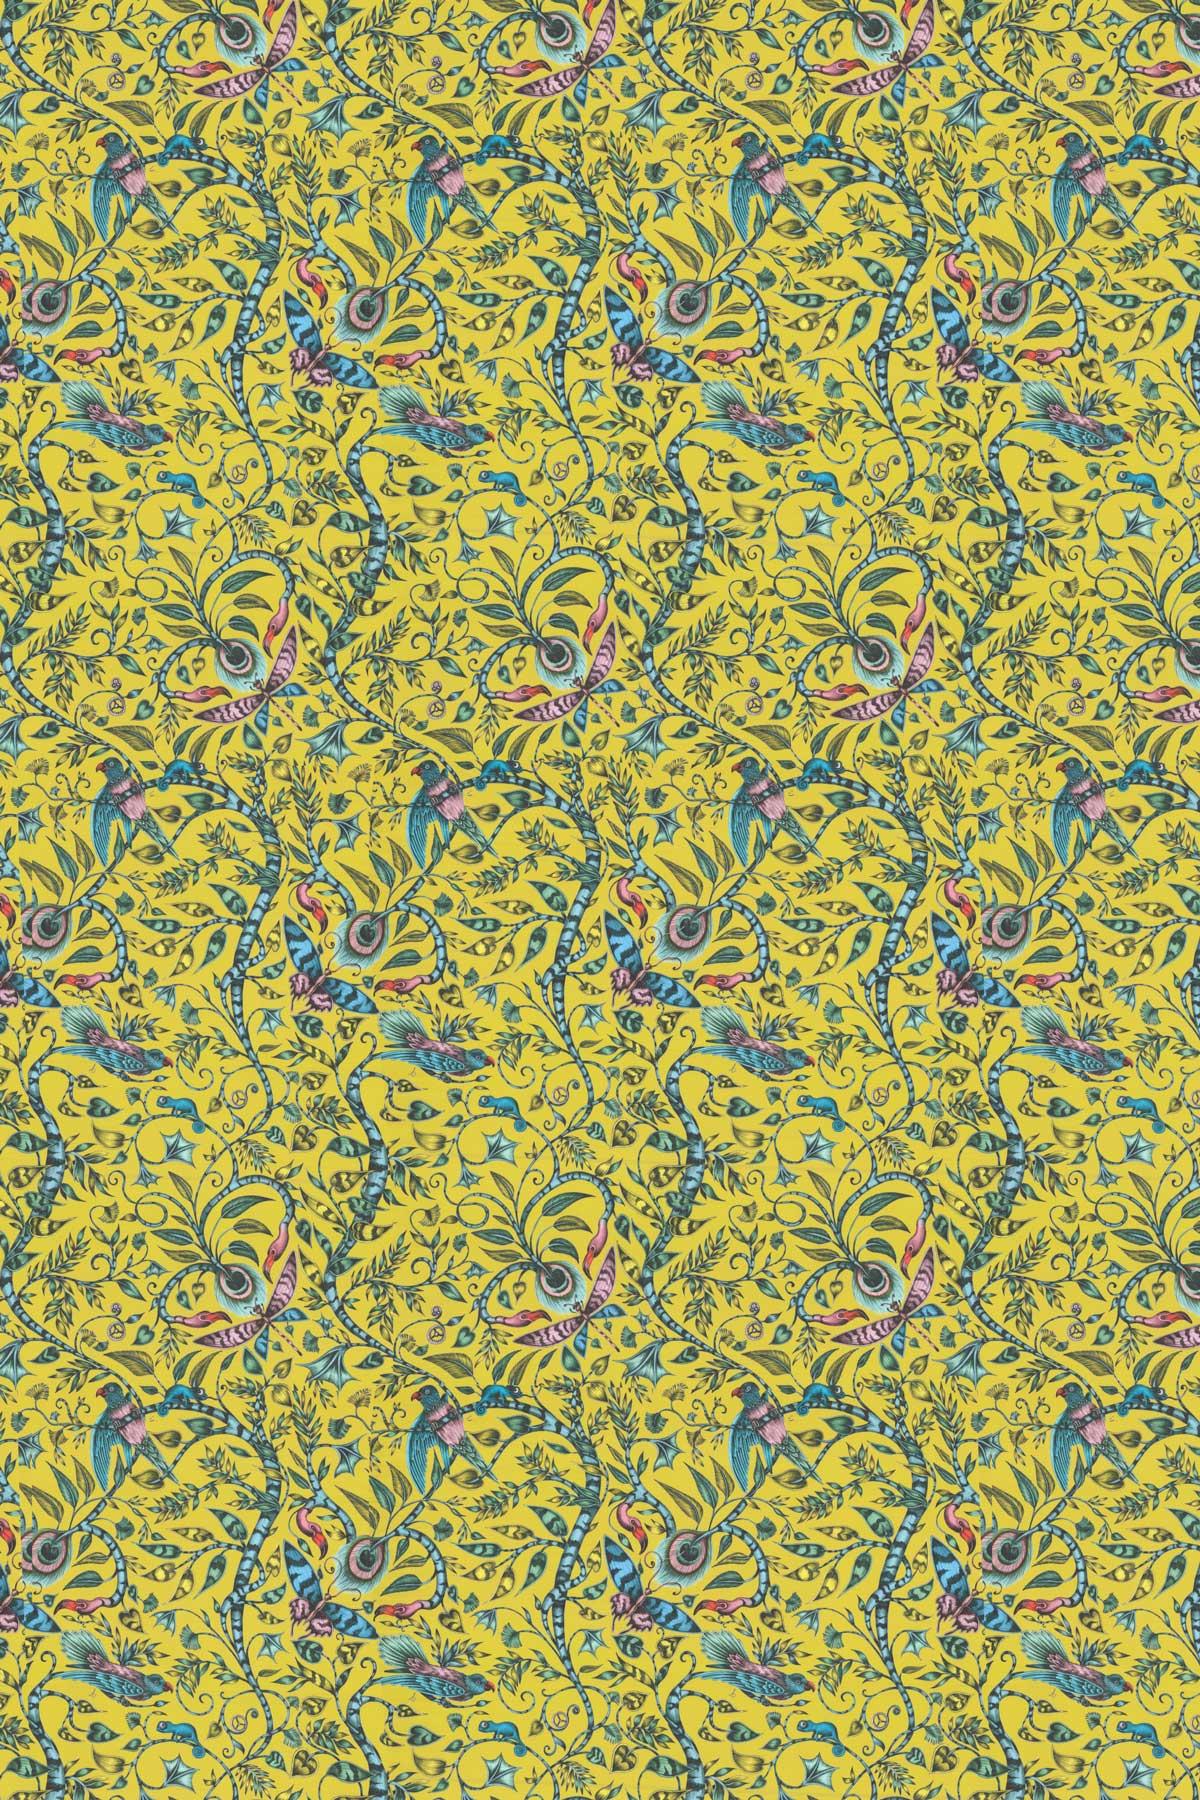 Rousseau Fabric - Lime - by Emma J Shipley